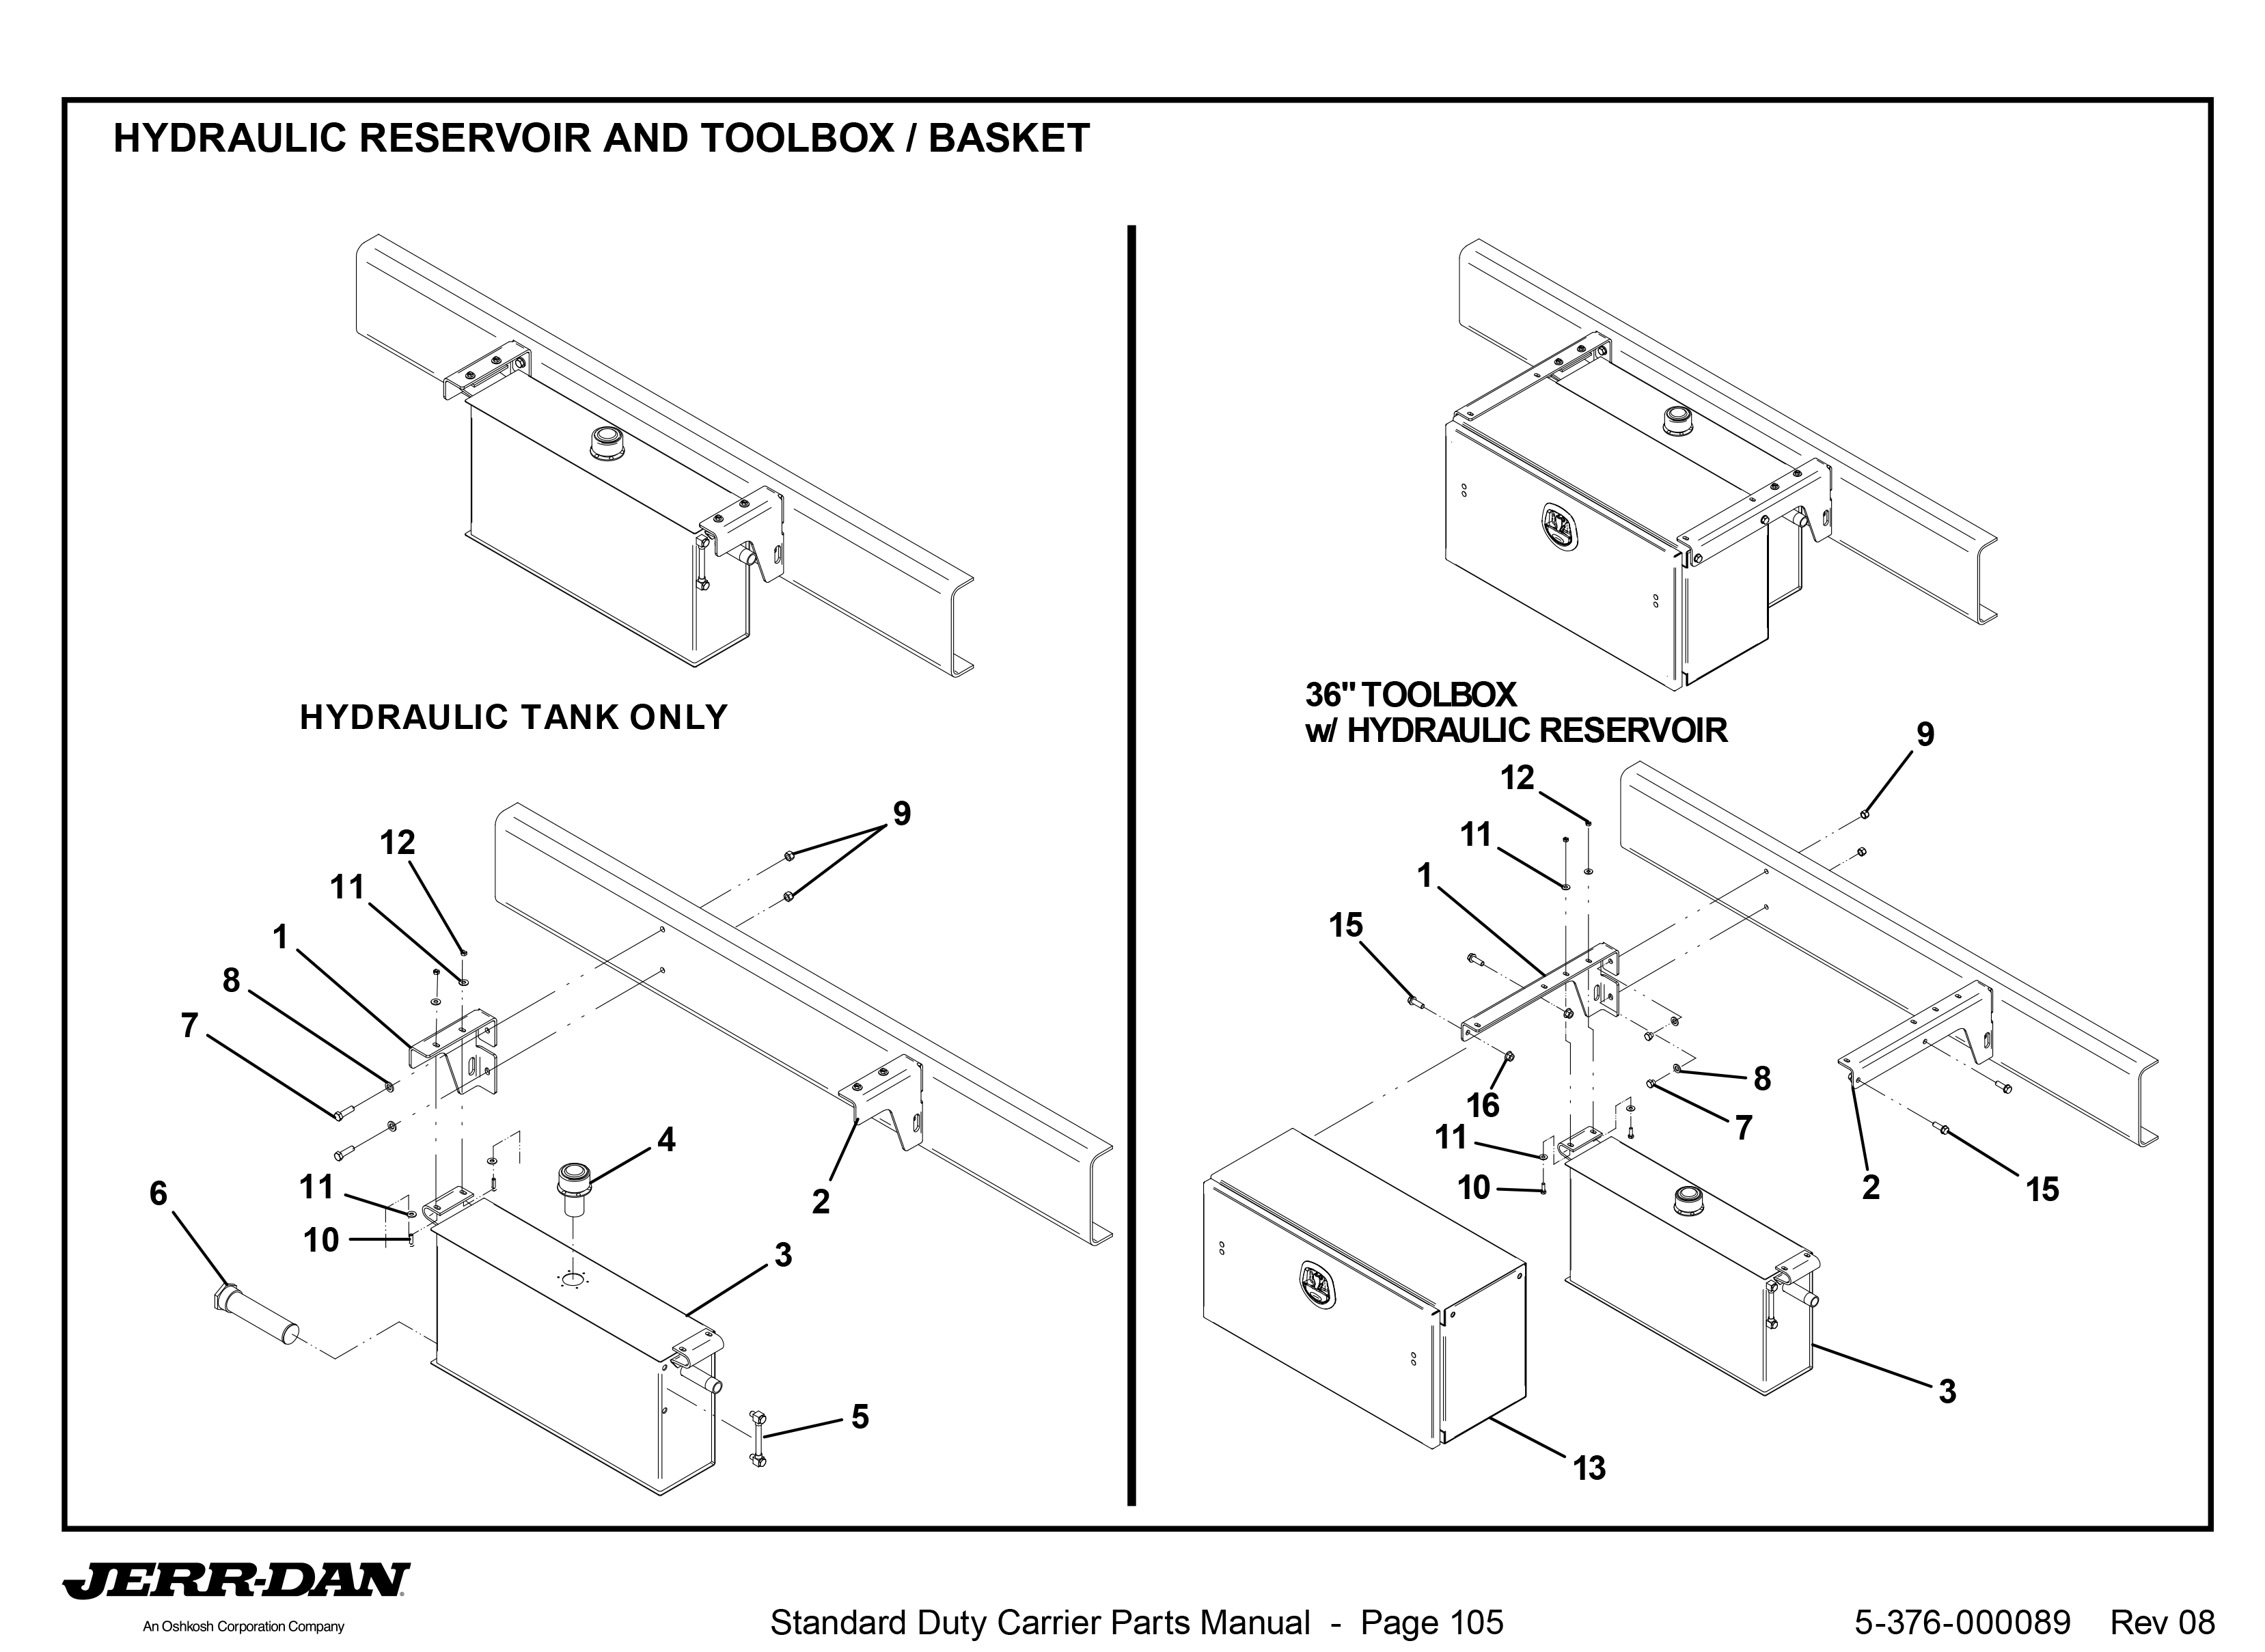 Mounting Bracket - Short (Part 2)